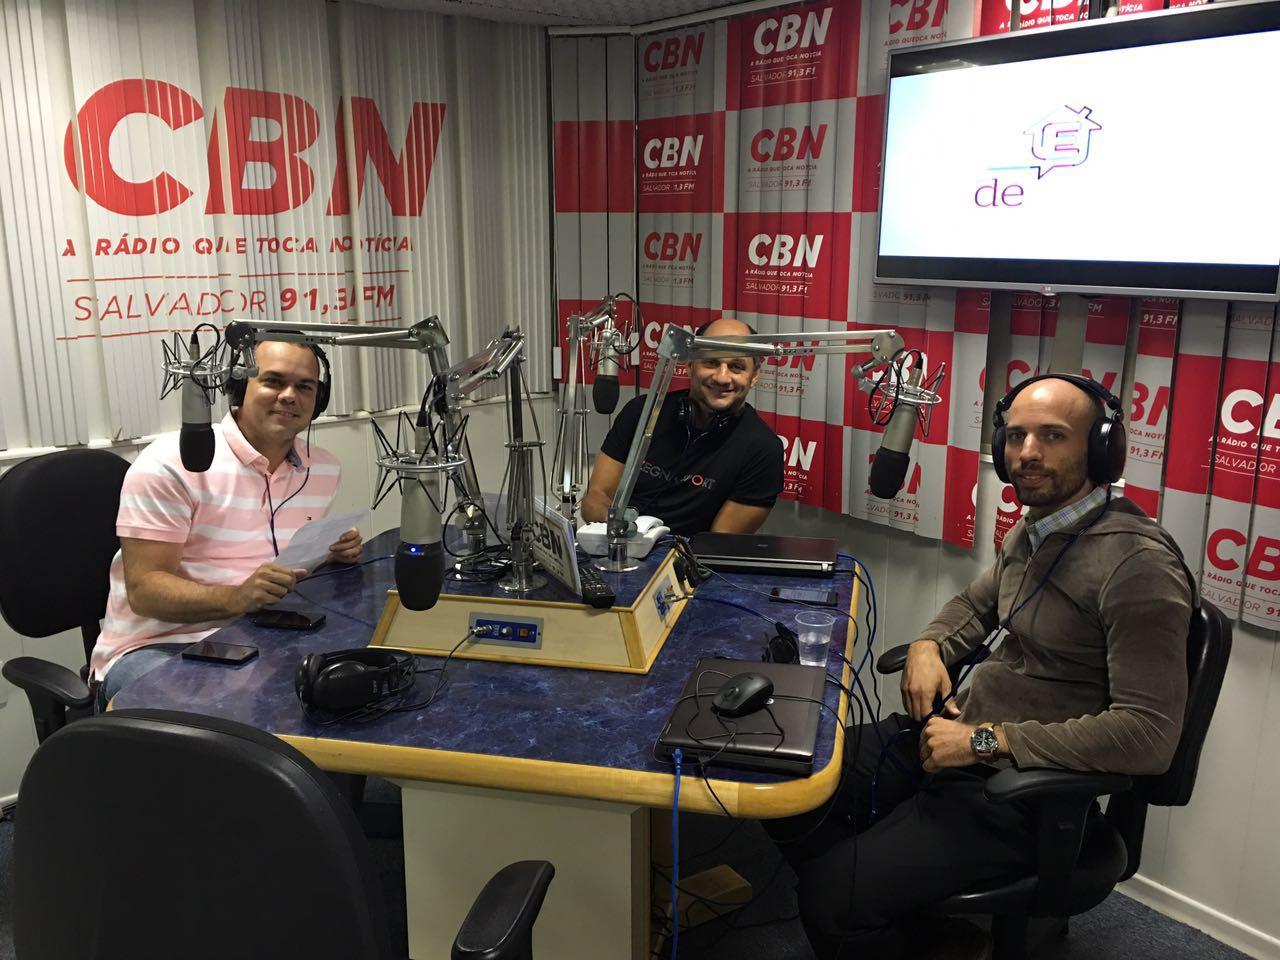 Estudio do rádio CBN Salvador, programa CBN Imóvel com editor José Azevedo Filho